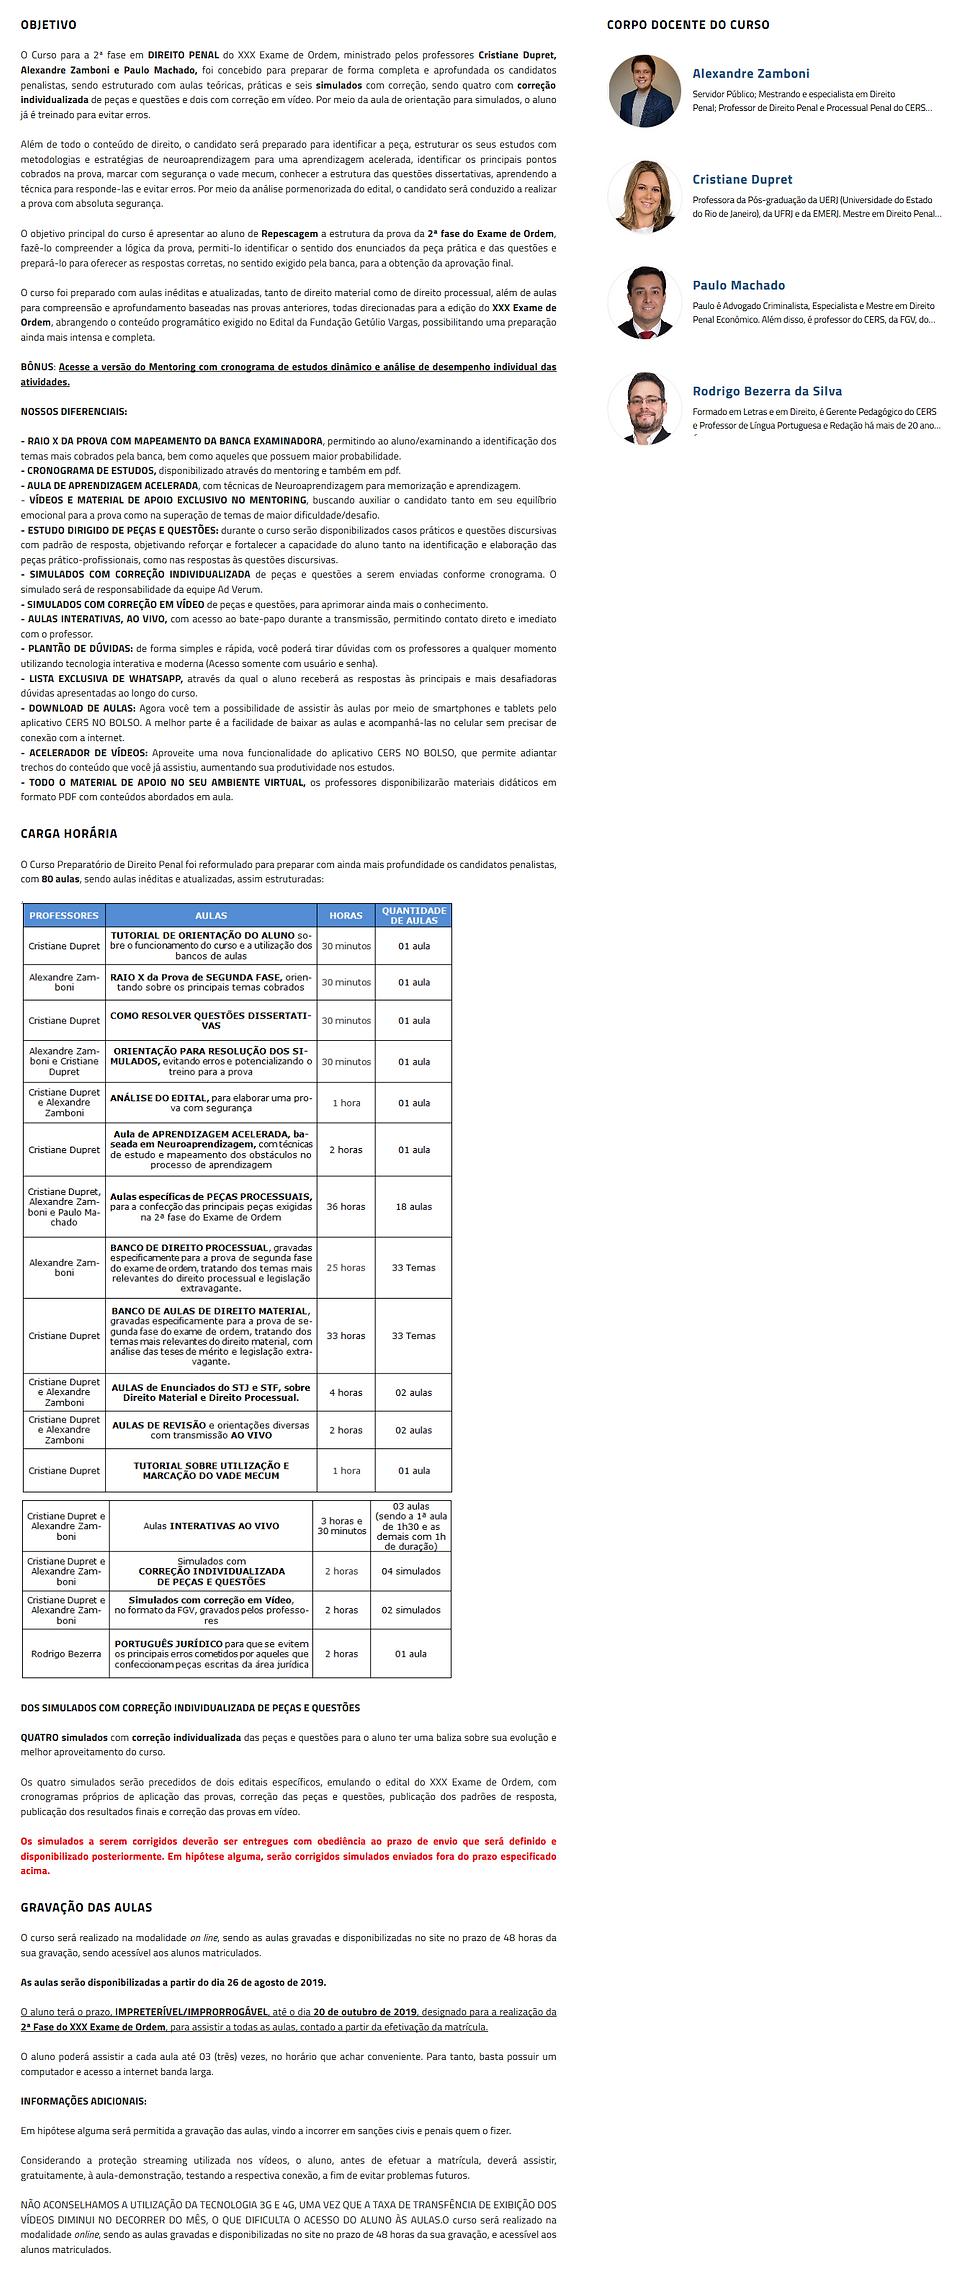 XXX Exame - direito penal CS.png